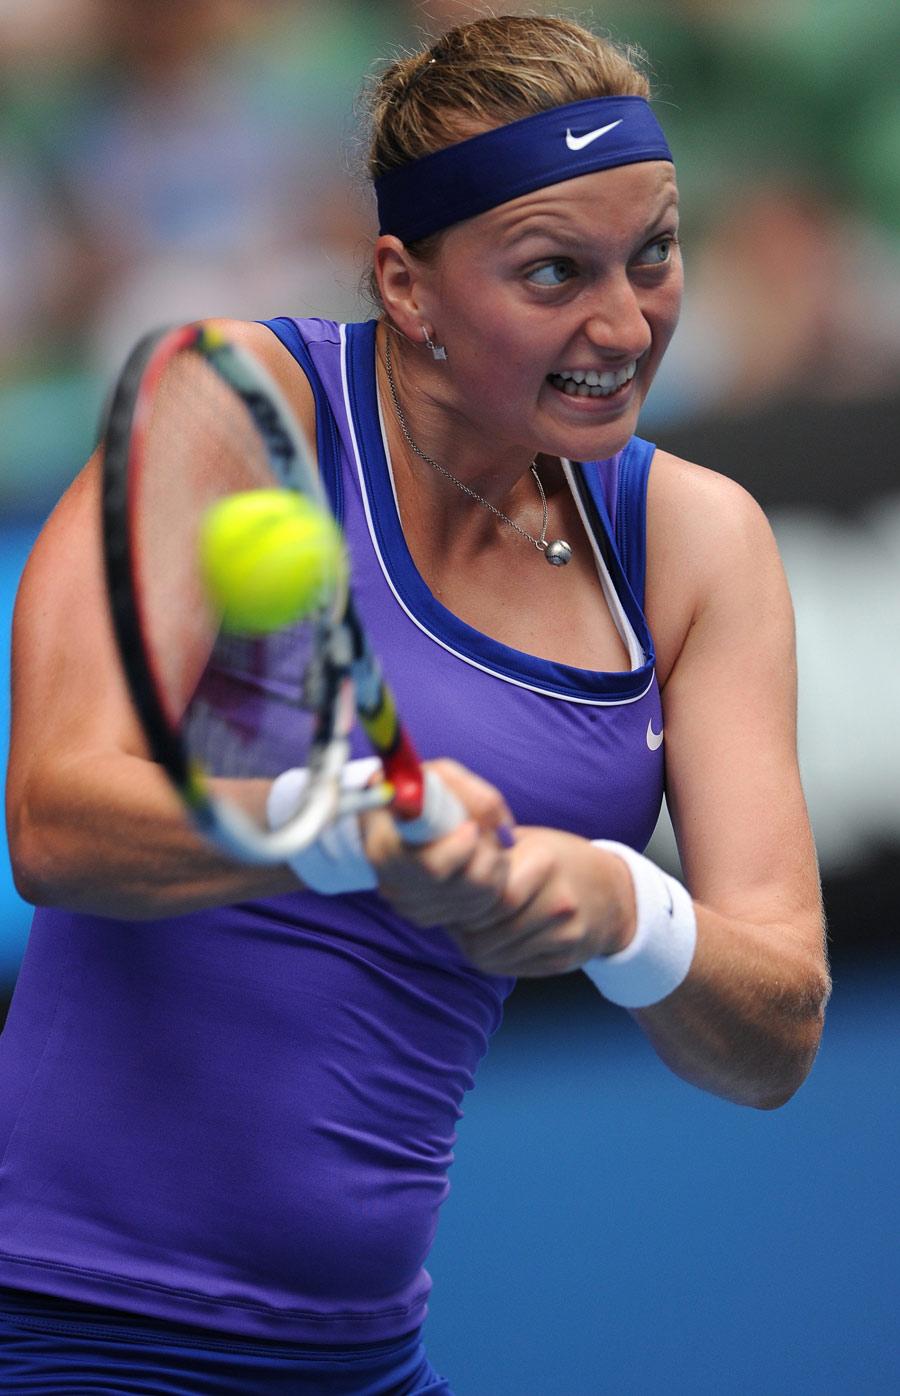 33855 - Kvitova, Serena and Sharapova breeze through